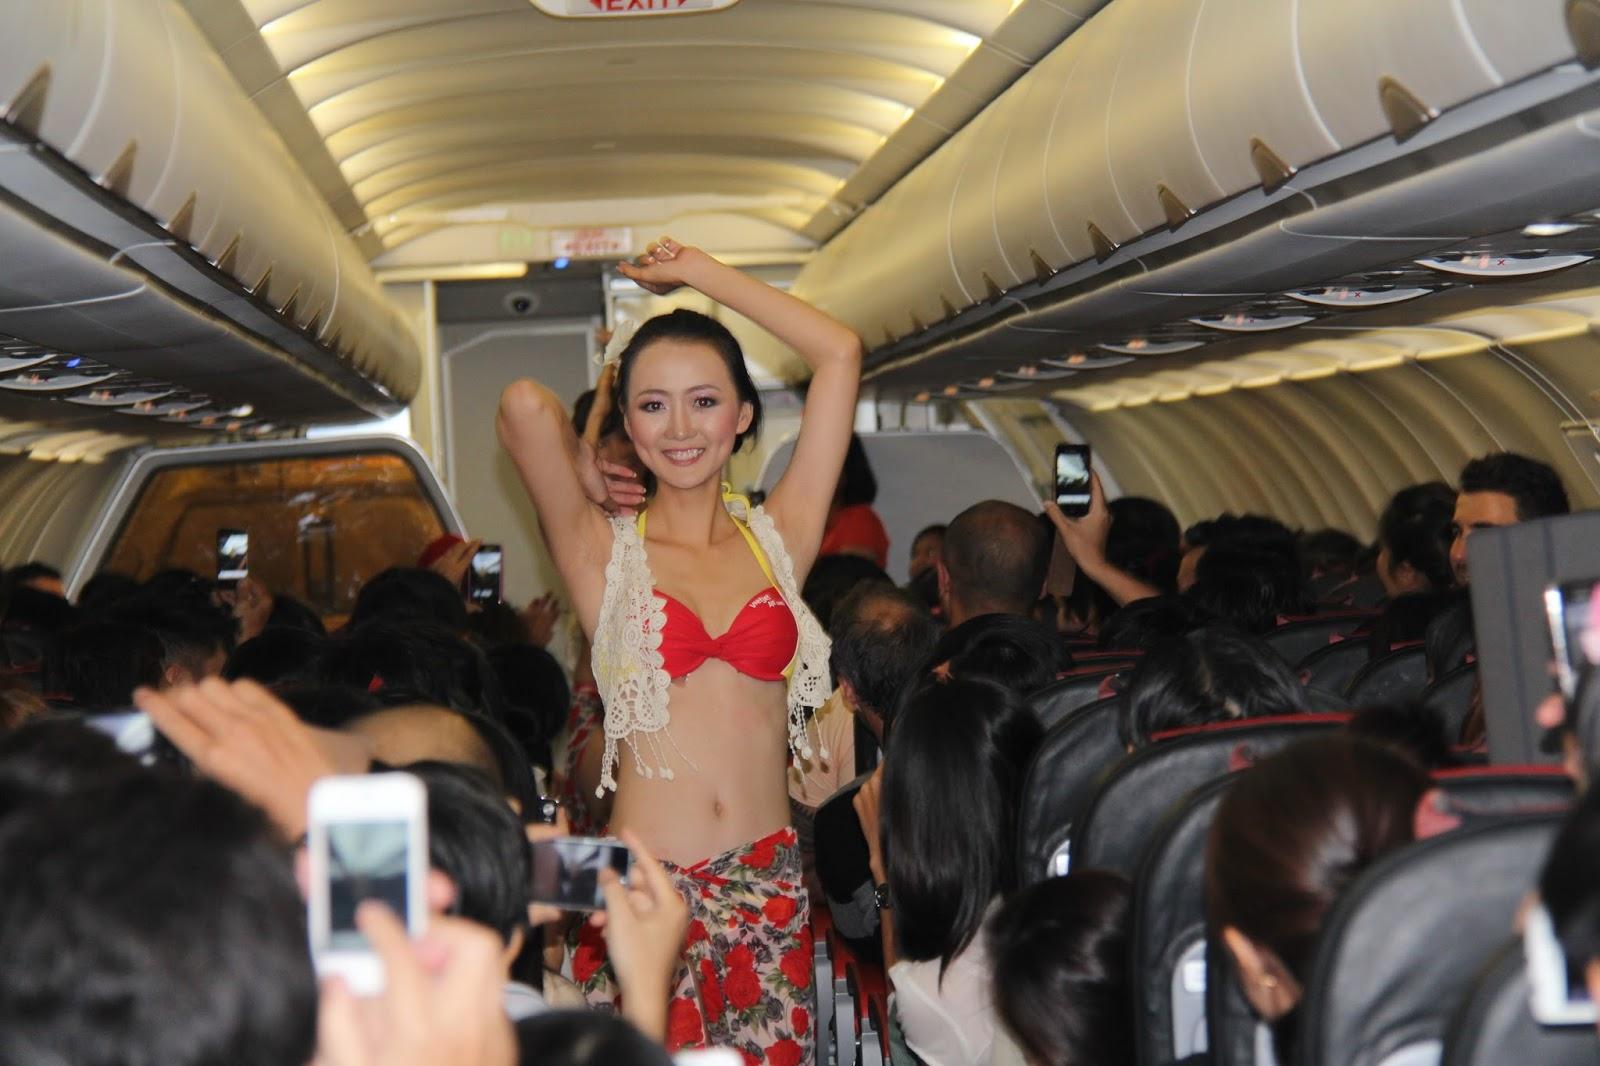 Секс на самолете с стюардеса, Секс в самолете - порно видео онлайн, смотреть порно 10 фотография